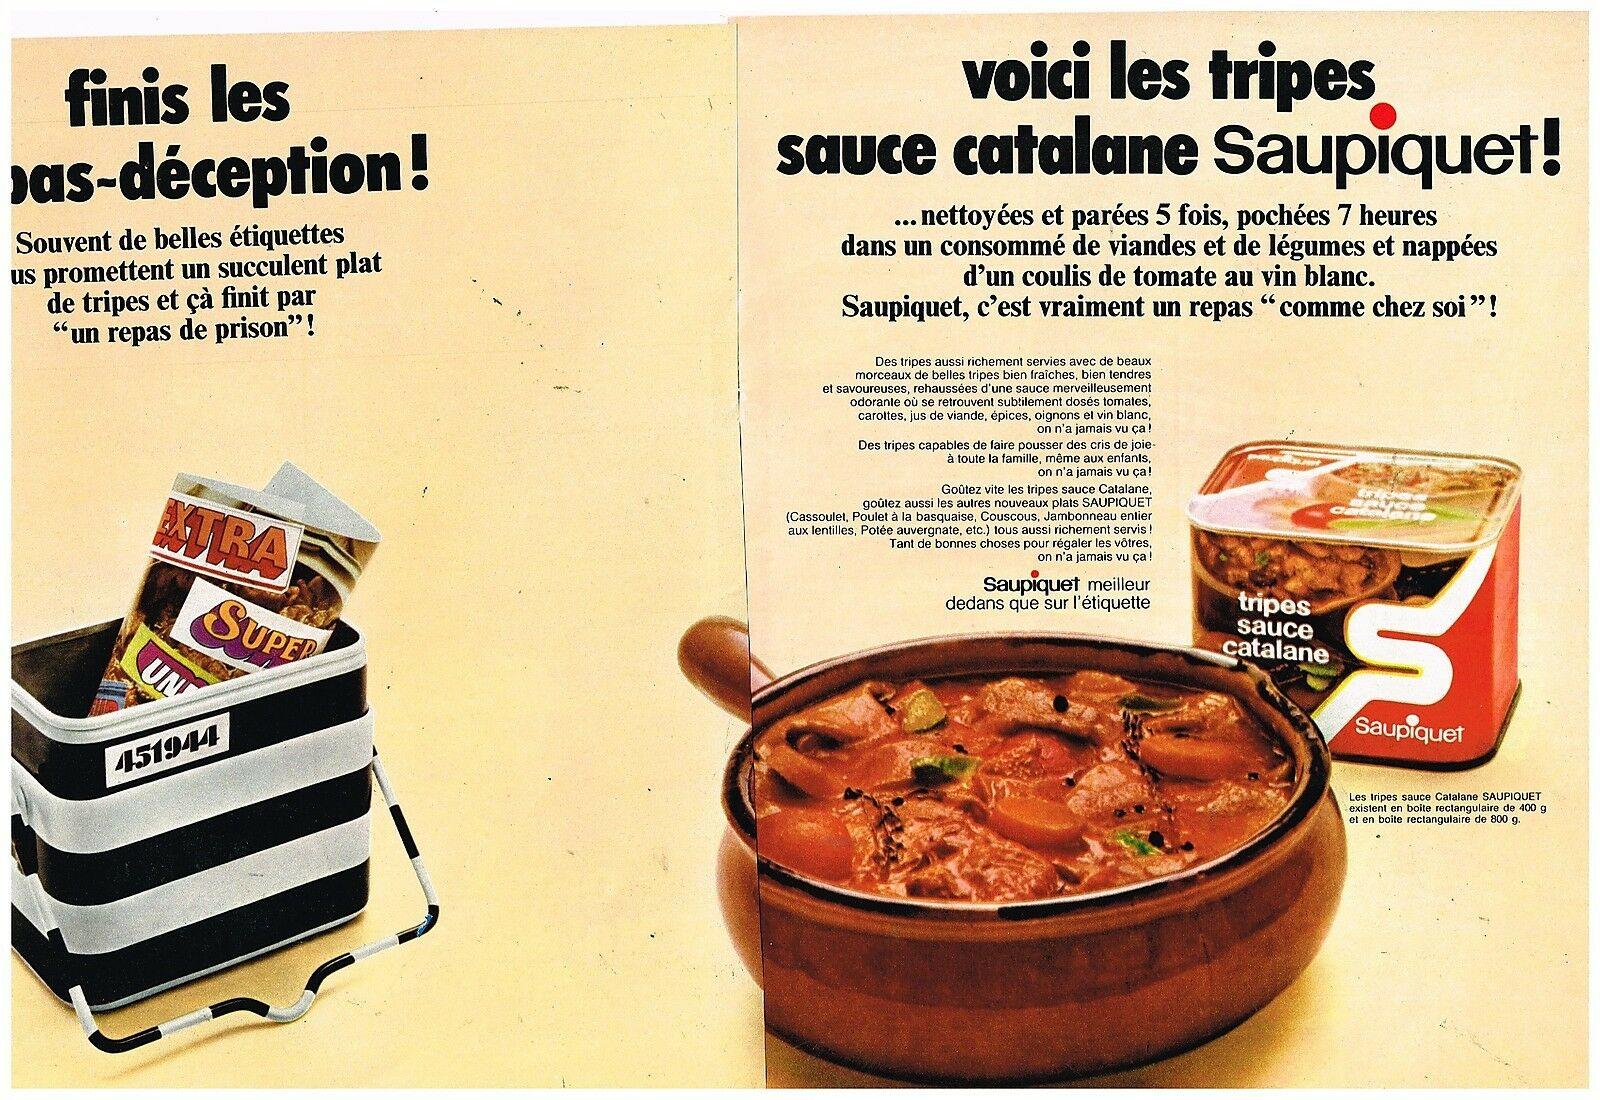 1970 Saupiquet Tripes sauce catalane